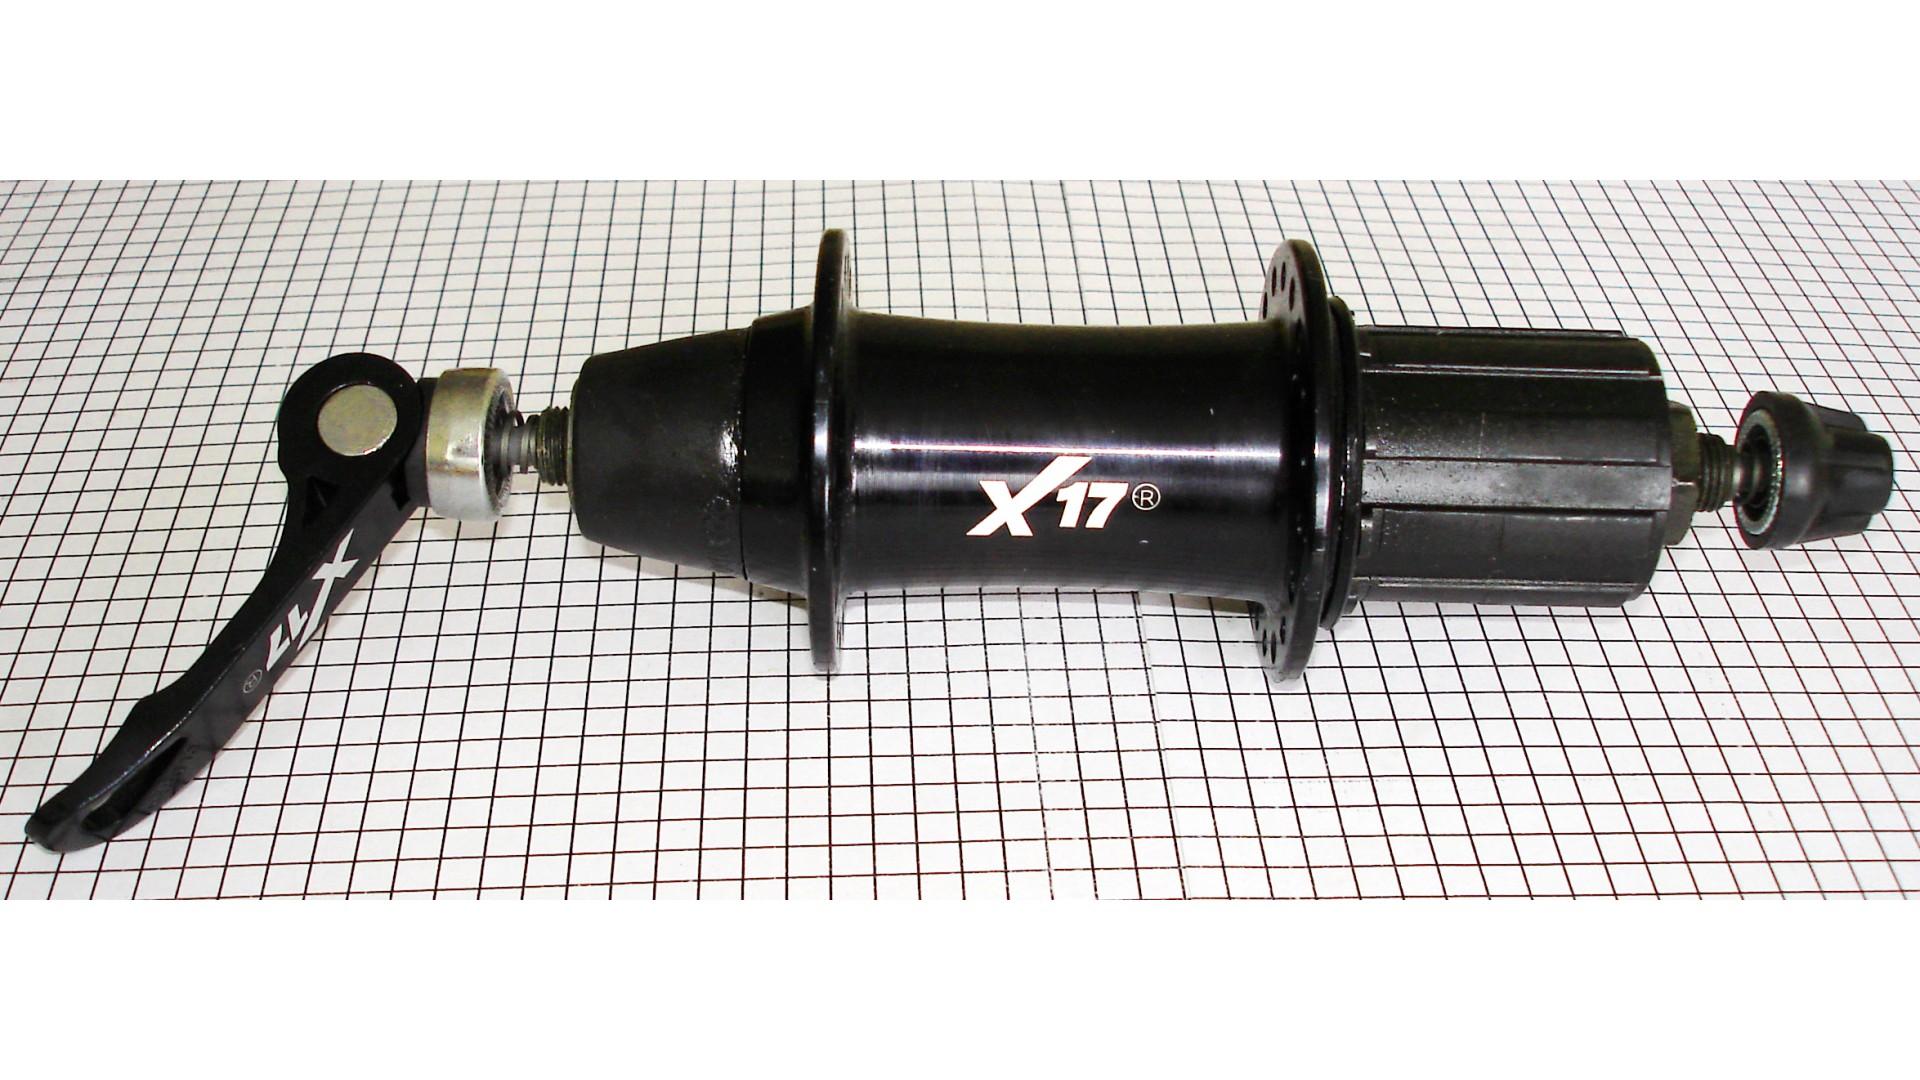 Втулка задняя X17 MTB алюм. кассетн. 8/9ск. 32отв. эксц.+ сальн. черн.